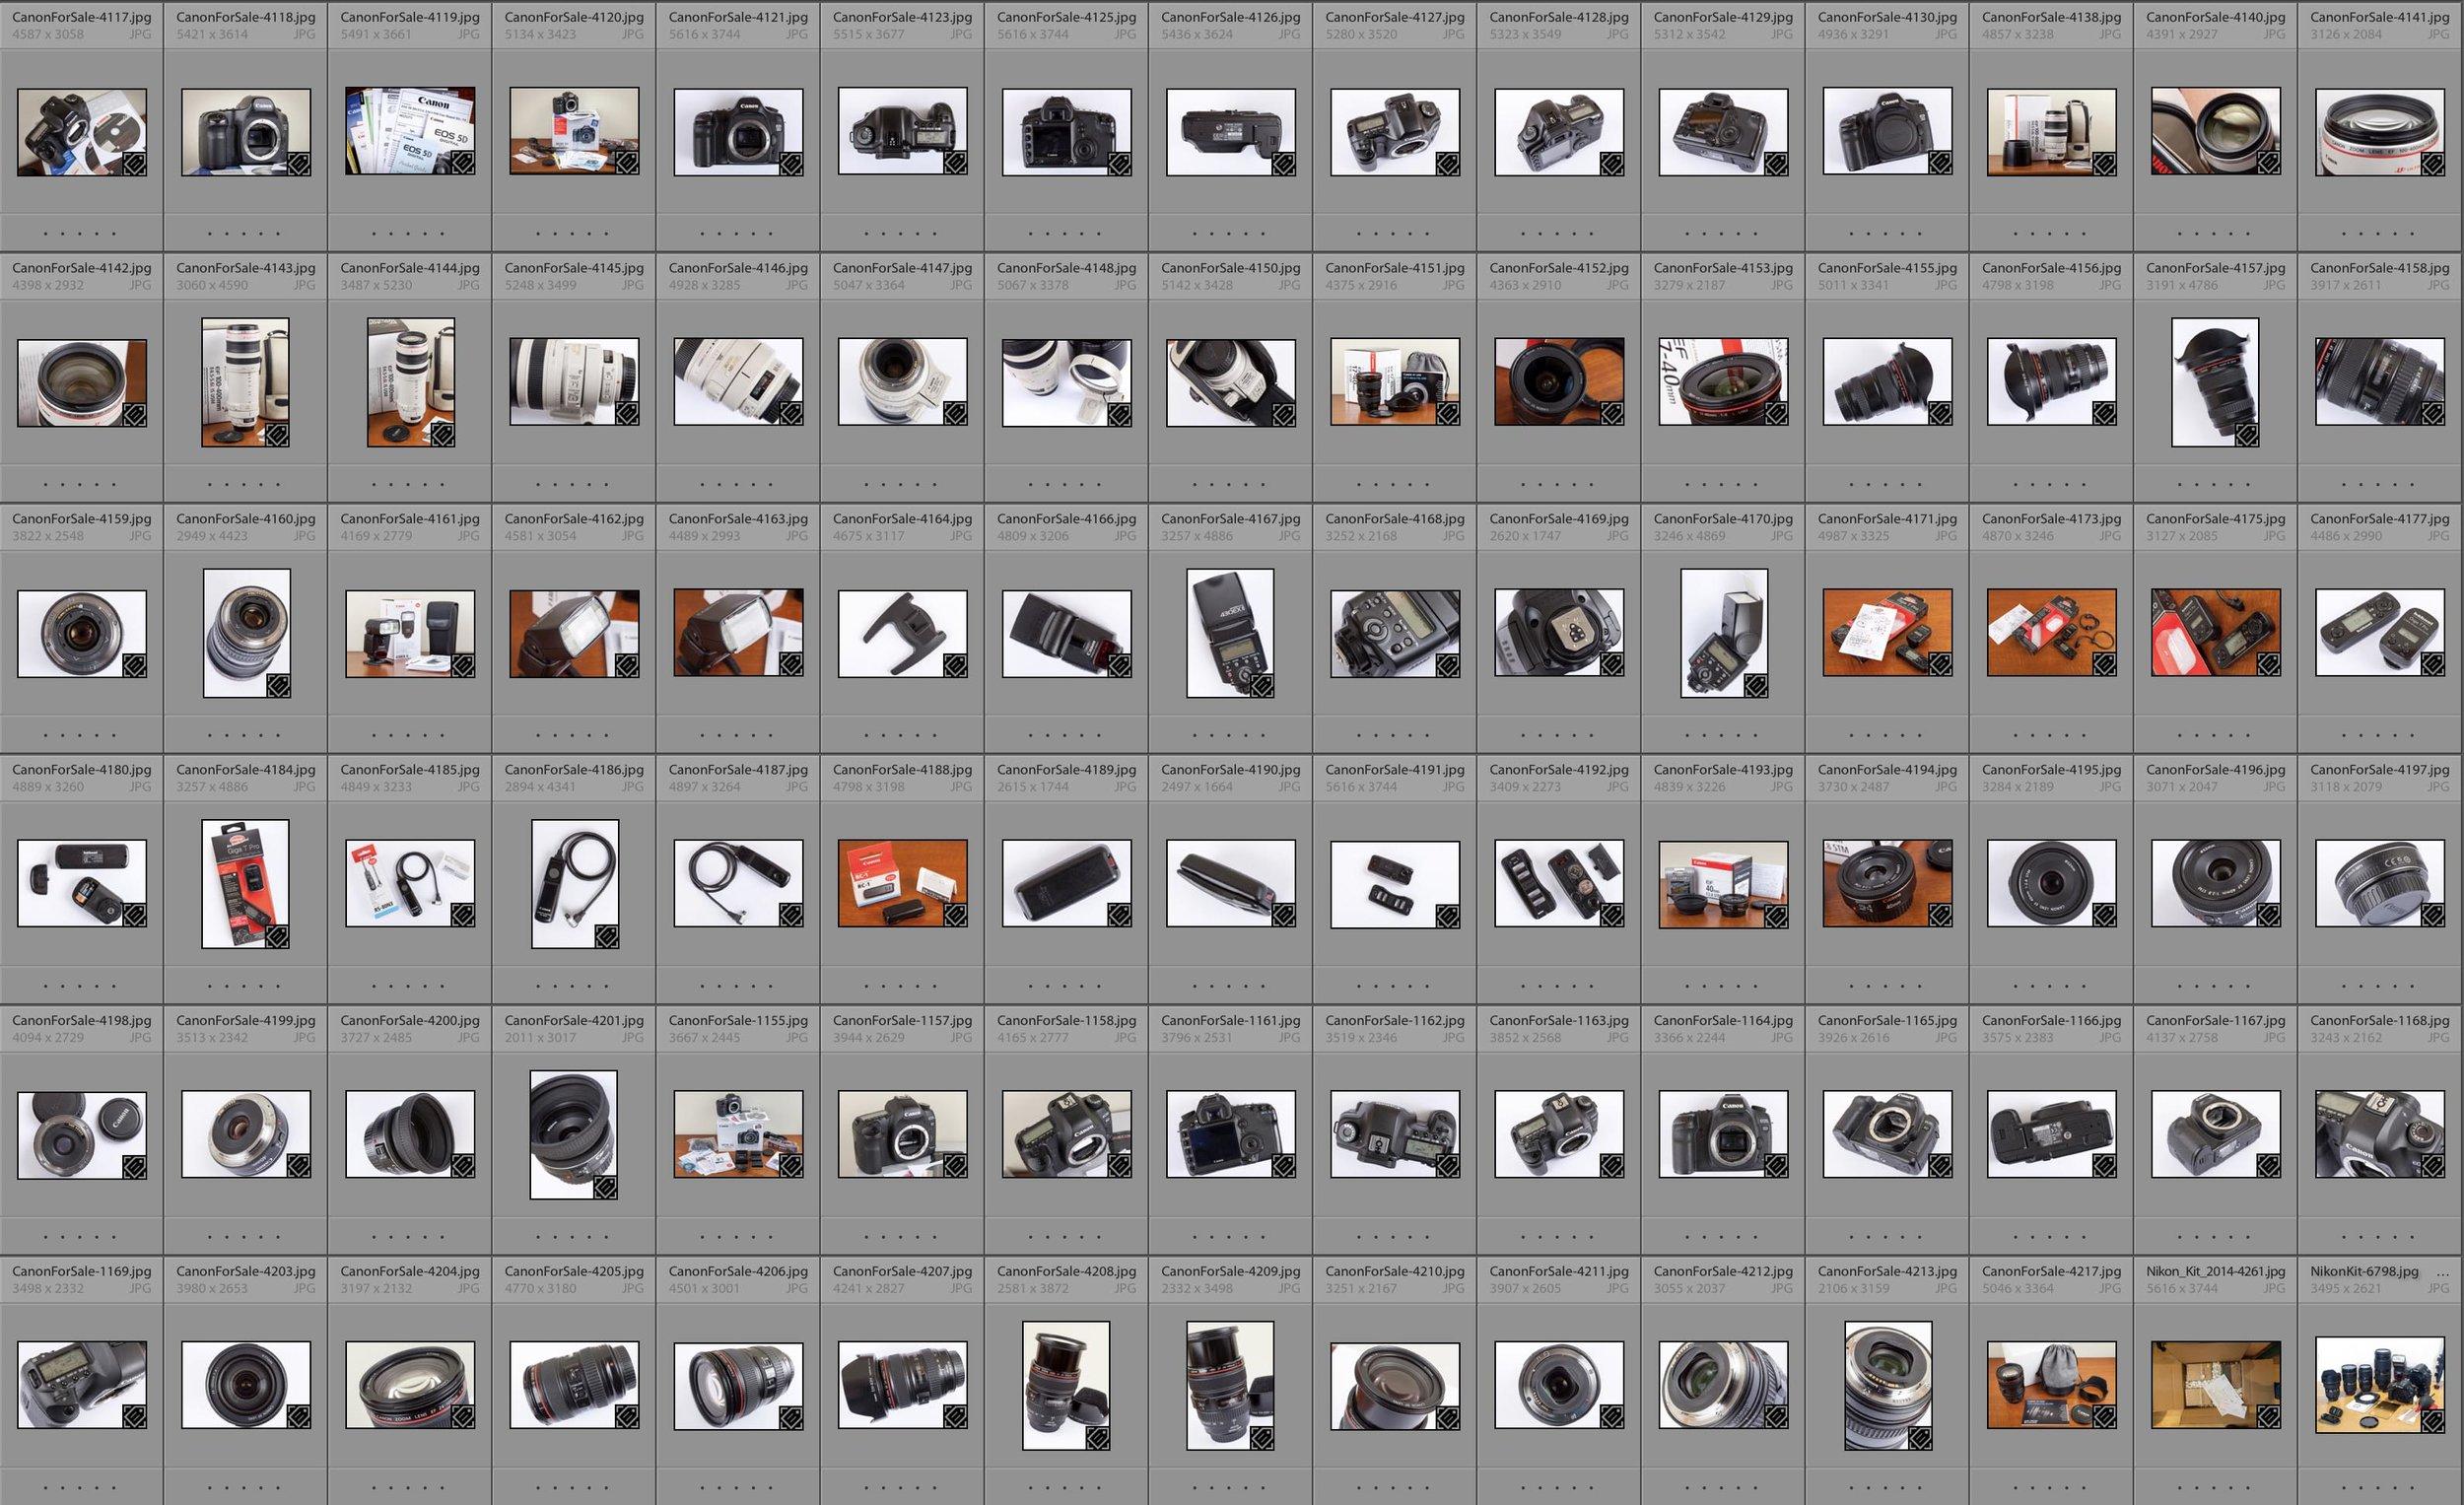 CanonKit.jpg